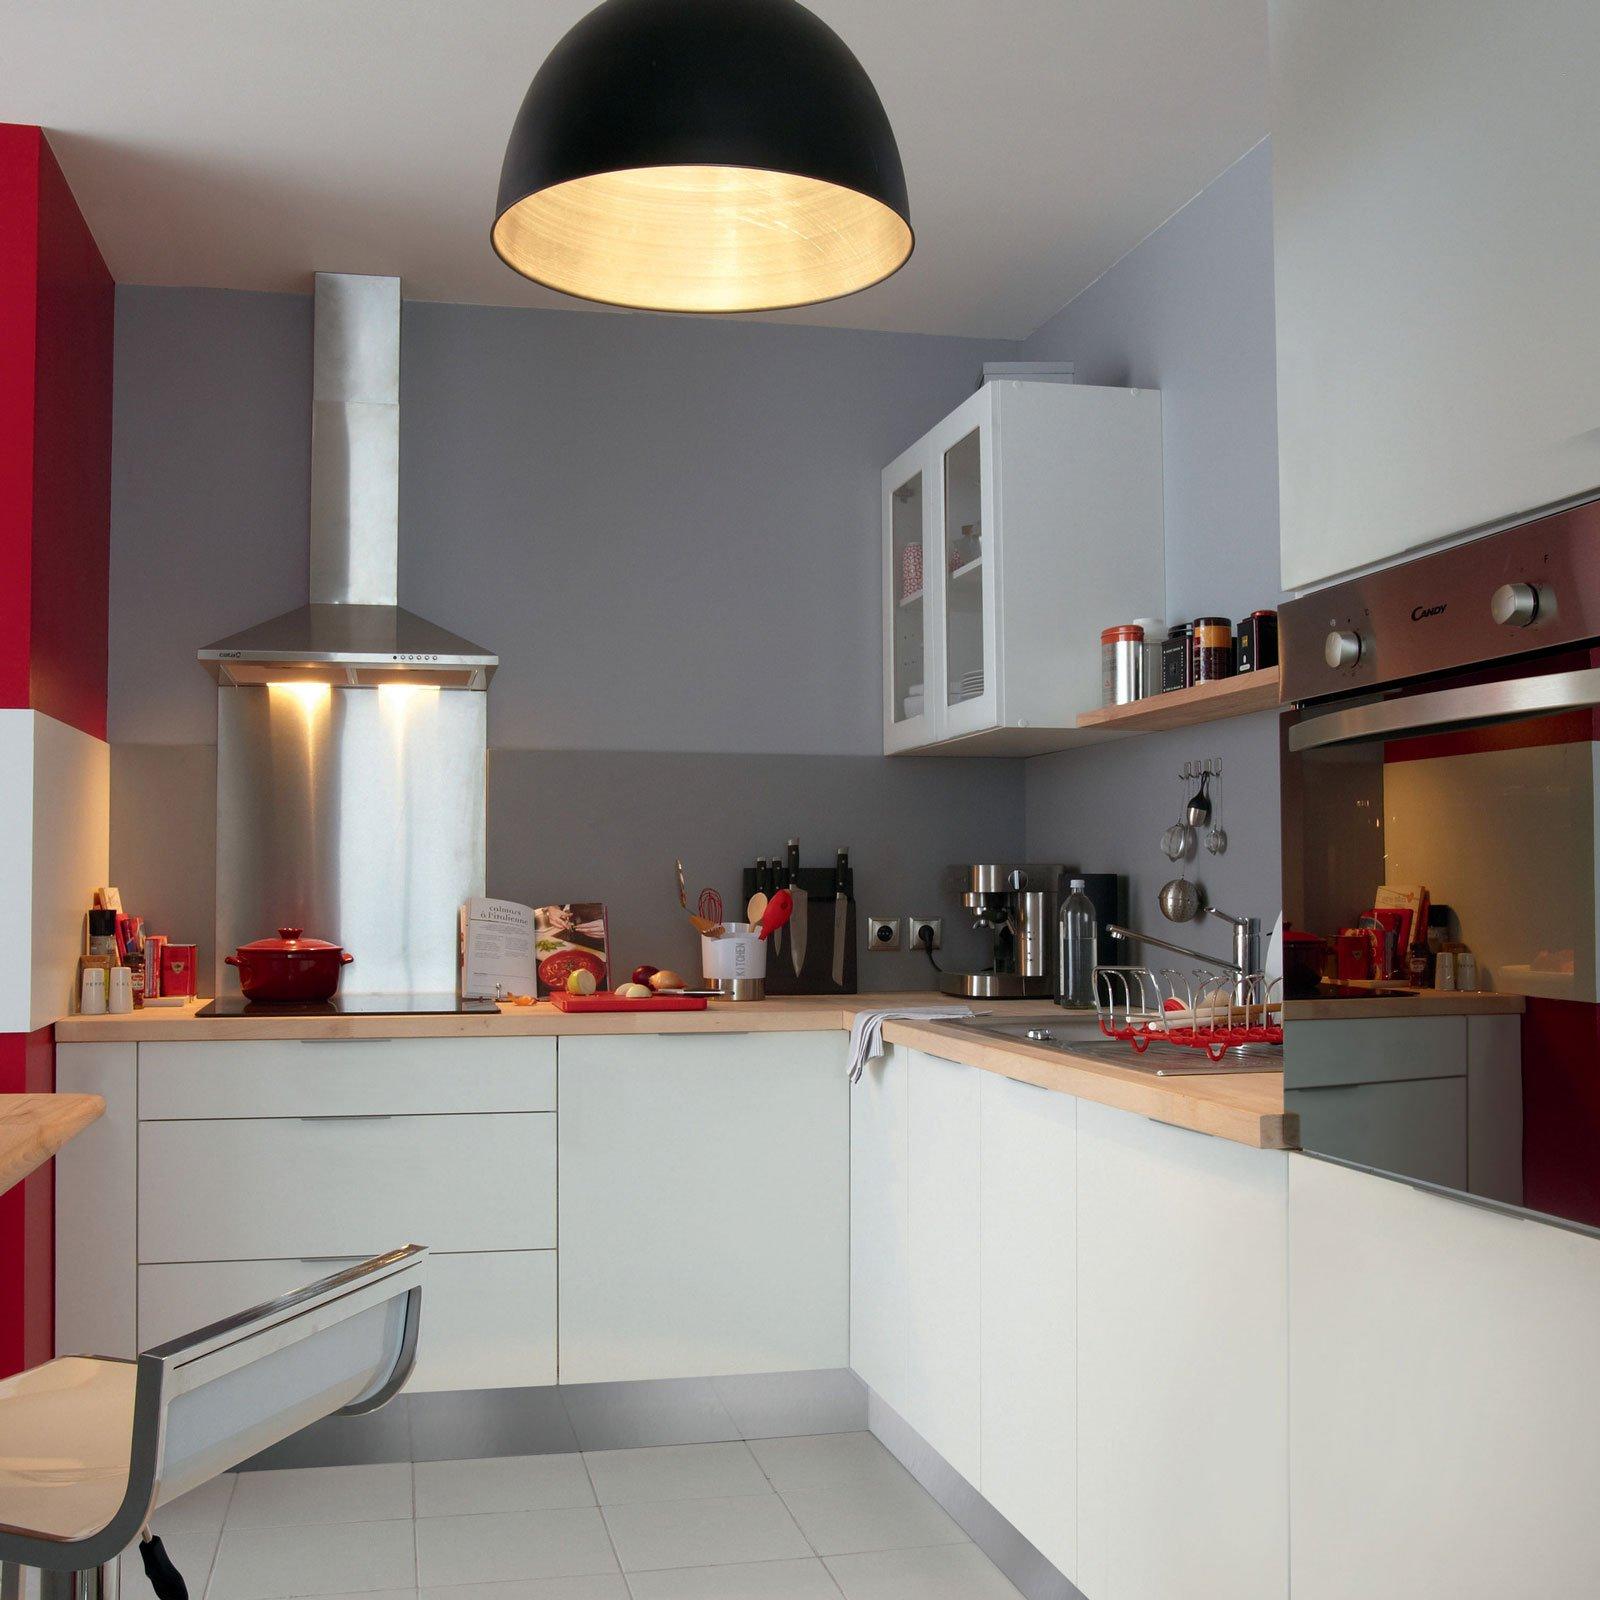 Cucina in melaminico economica resistente in tante - Cucine componibili con lavastoviglie ...